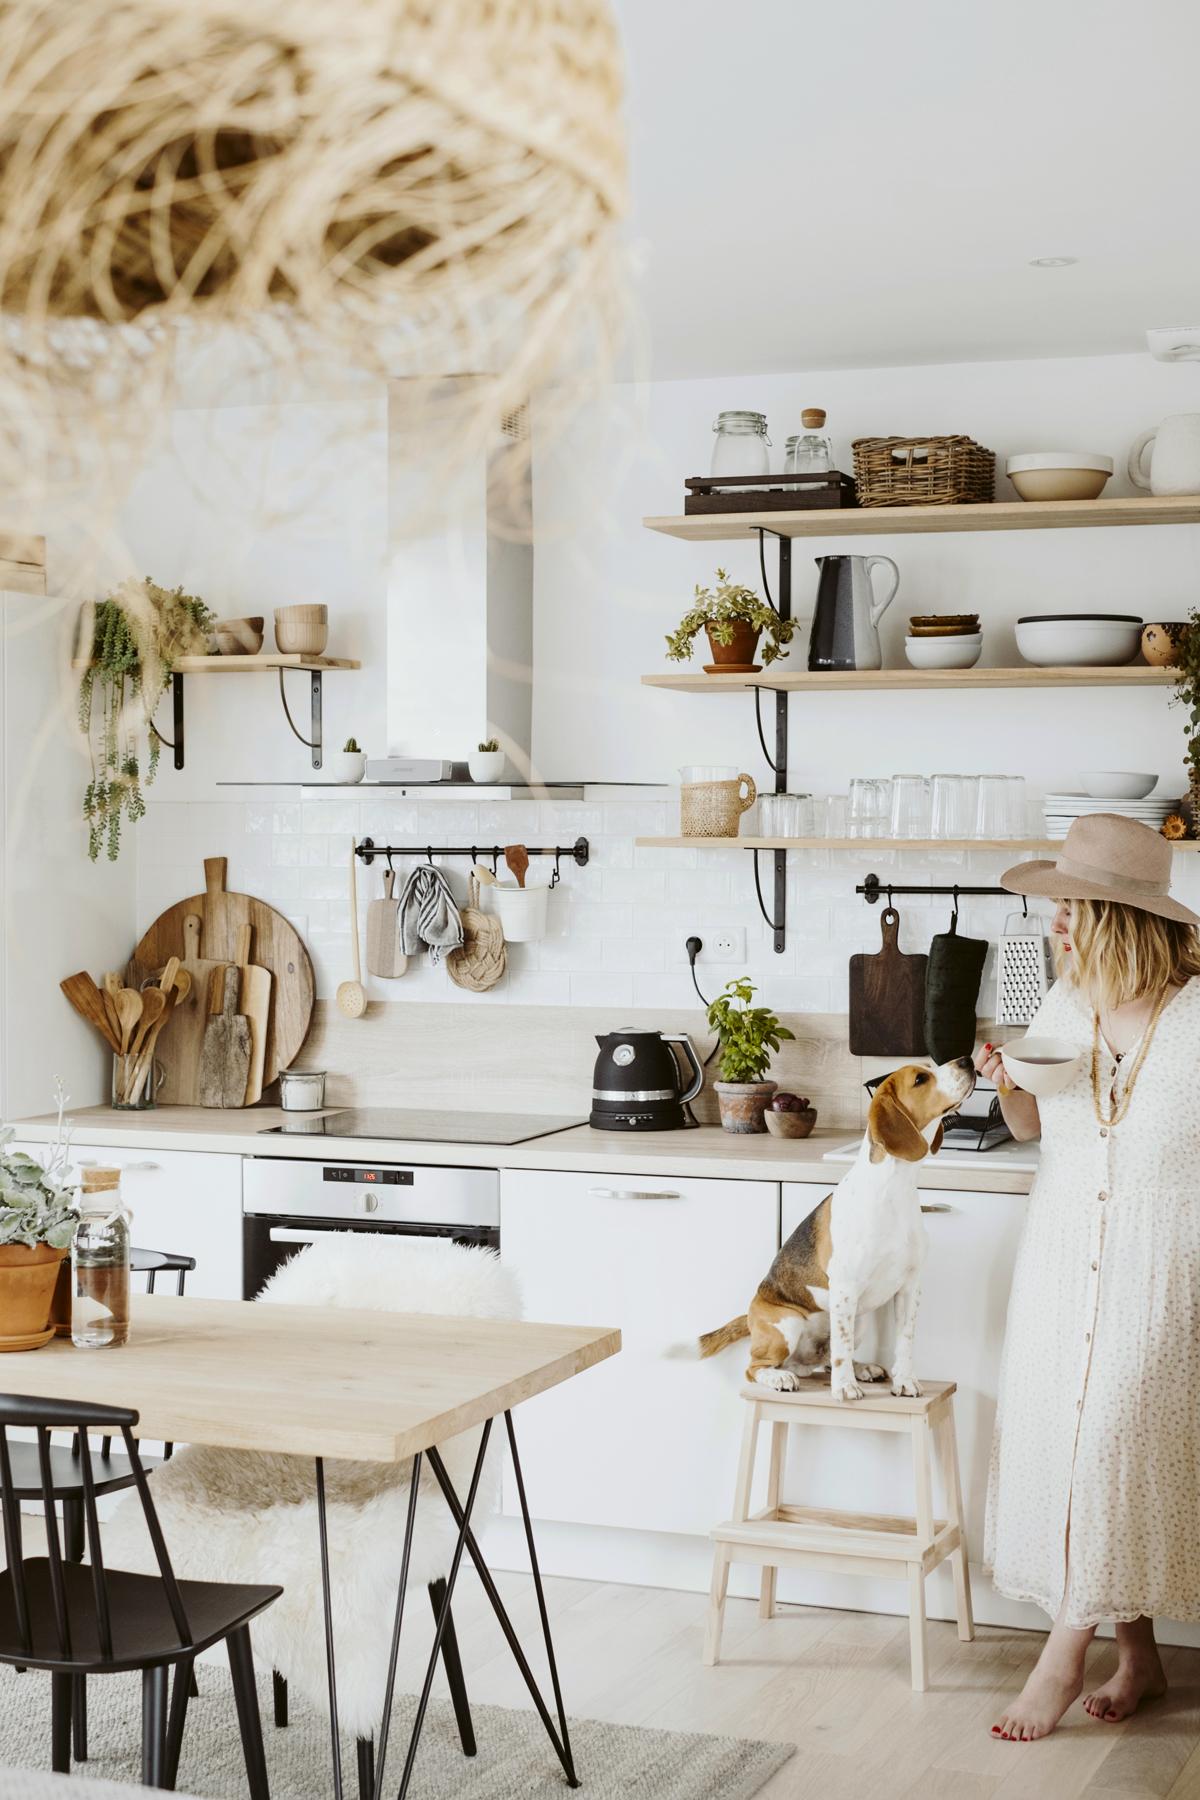 Carrelage Baker Street Blanc déco cuisine : notre nouvelle kitchen - les demoizelles